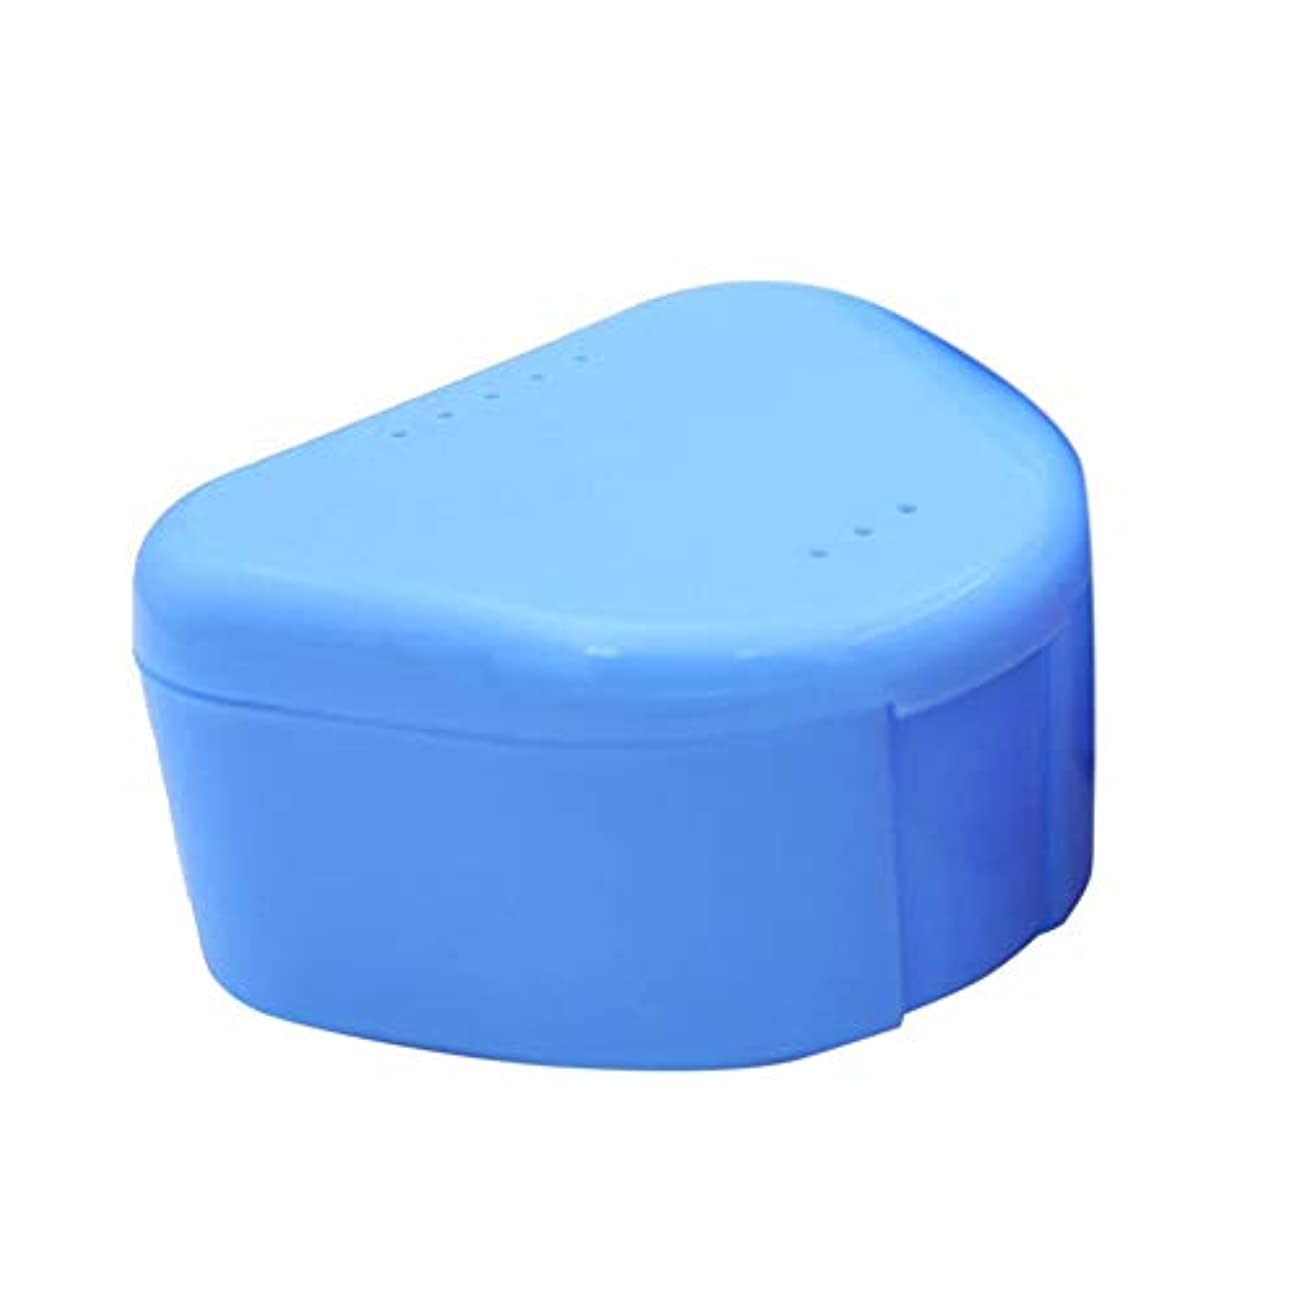 小道具消費する割るデンタルリテーナーケースデンタルブレース偽歯収納ケースボックスマウスピースオーガナイザーオーラルヘルスケアデンタルトレイボックス(Color:random)